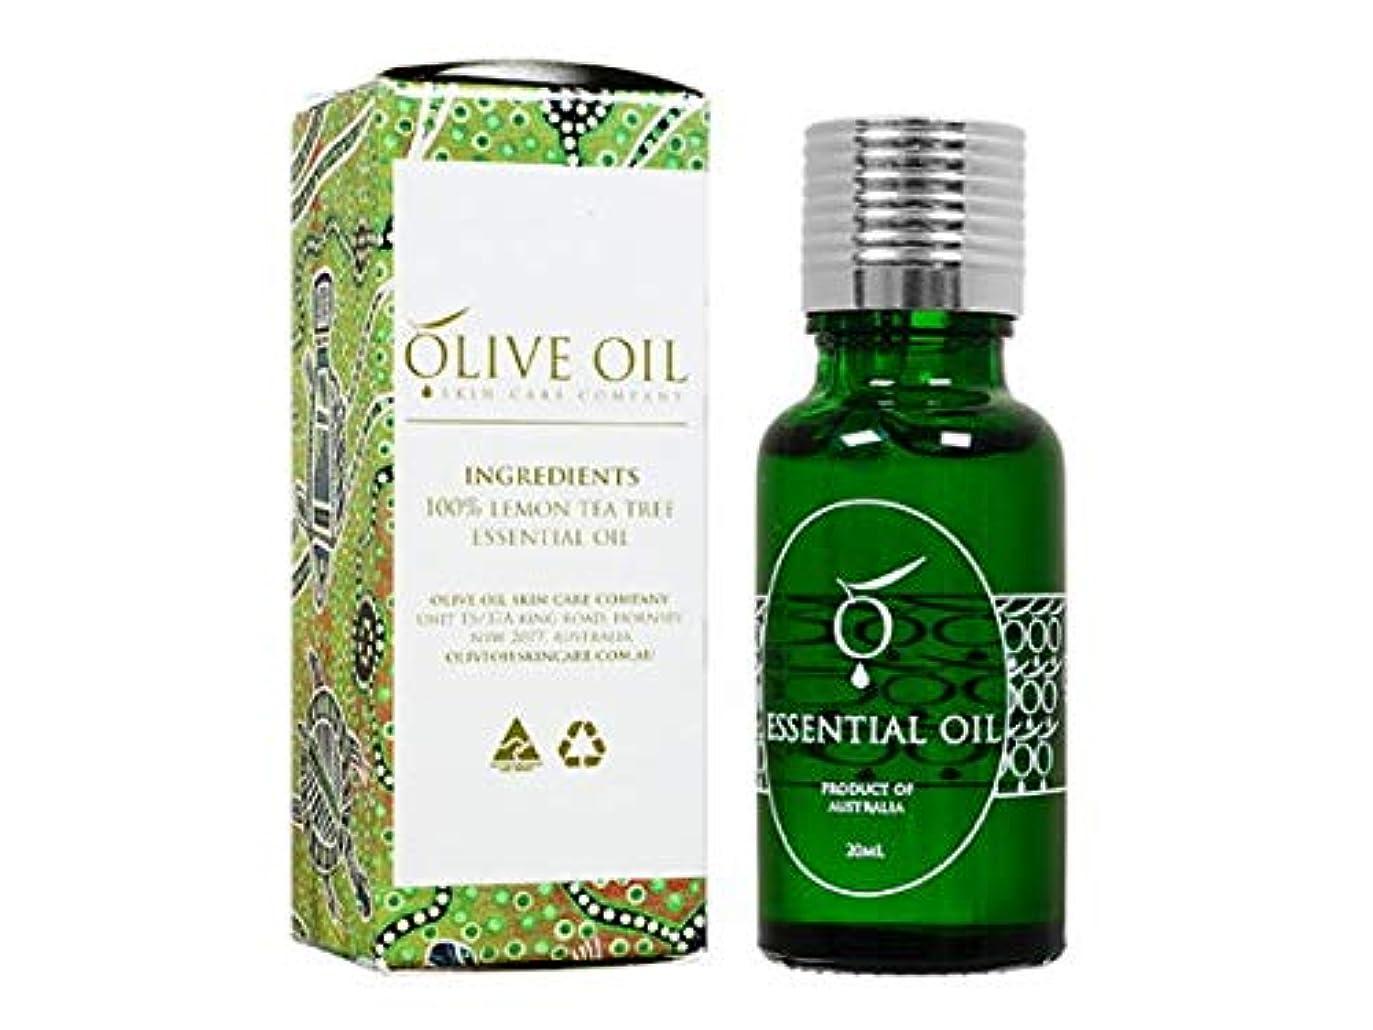 純粋な次へ観光OliveOil エッセンシャルオイル?レモンティーツリー 20ml (OliveOil) Essential Oil (Lemon Tea Tree) Made in Australia